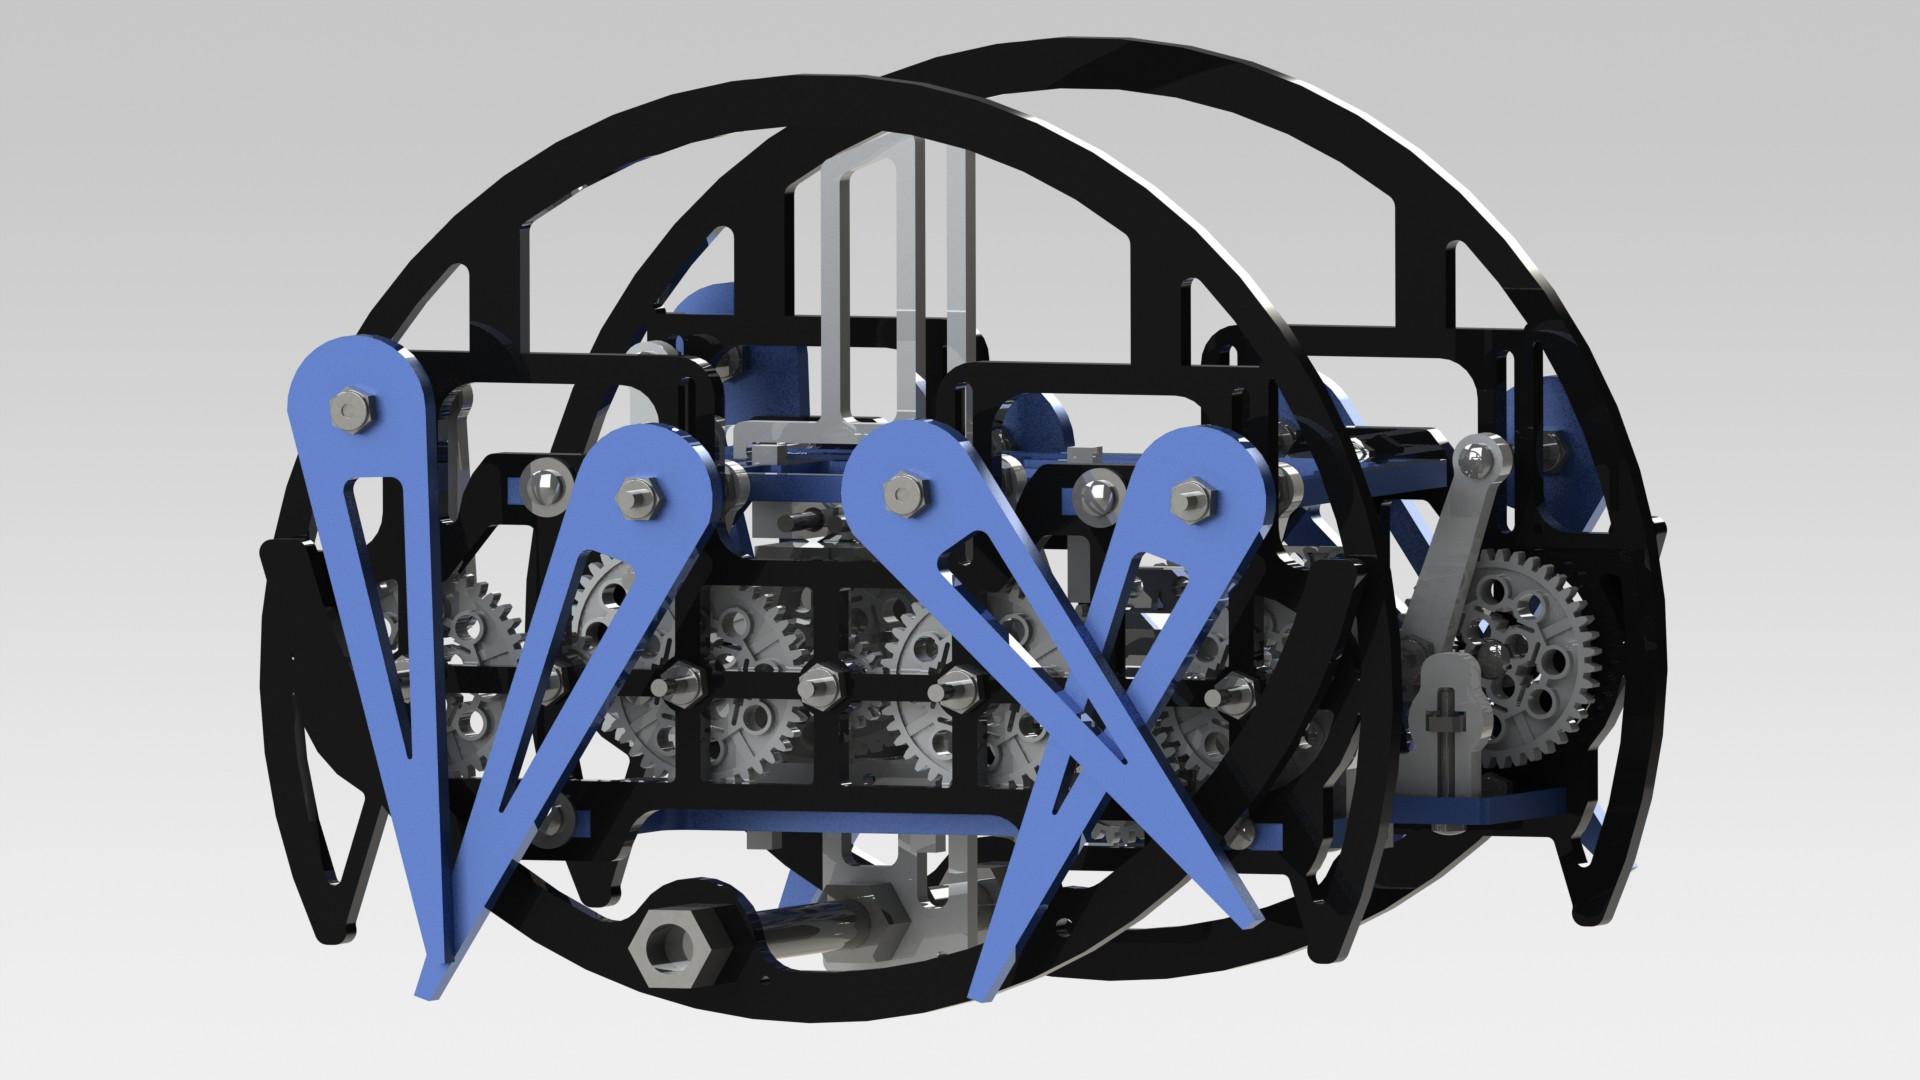 仿生蜘蛛可步行可翻滚机器人3D图纸 Solidworks设计